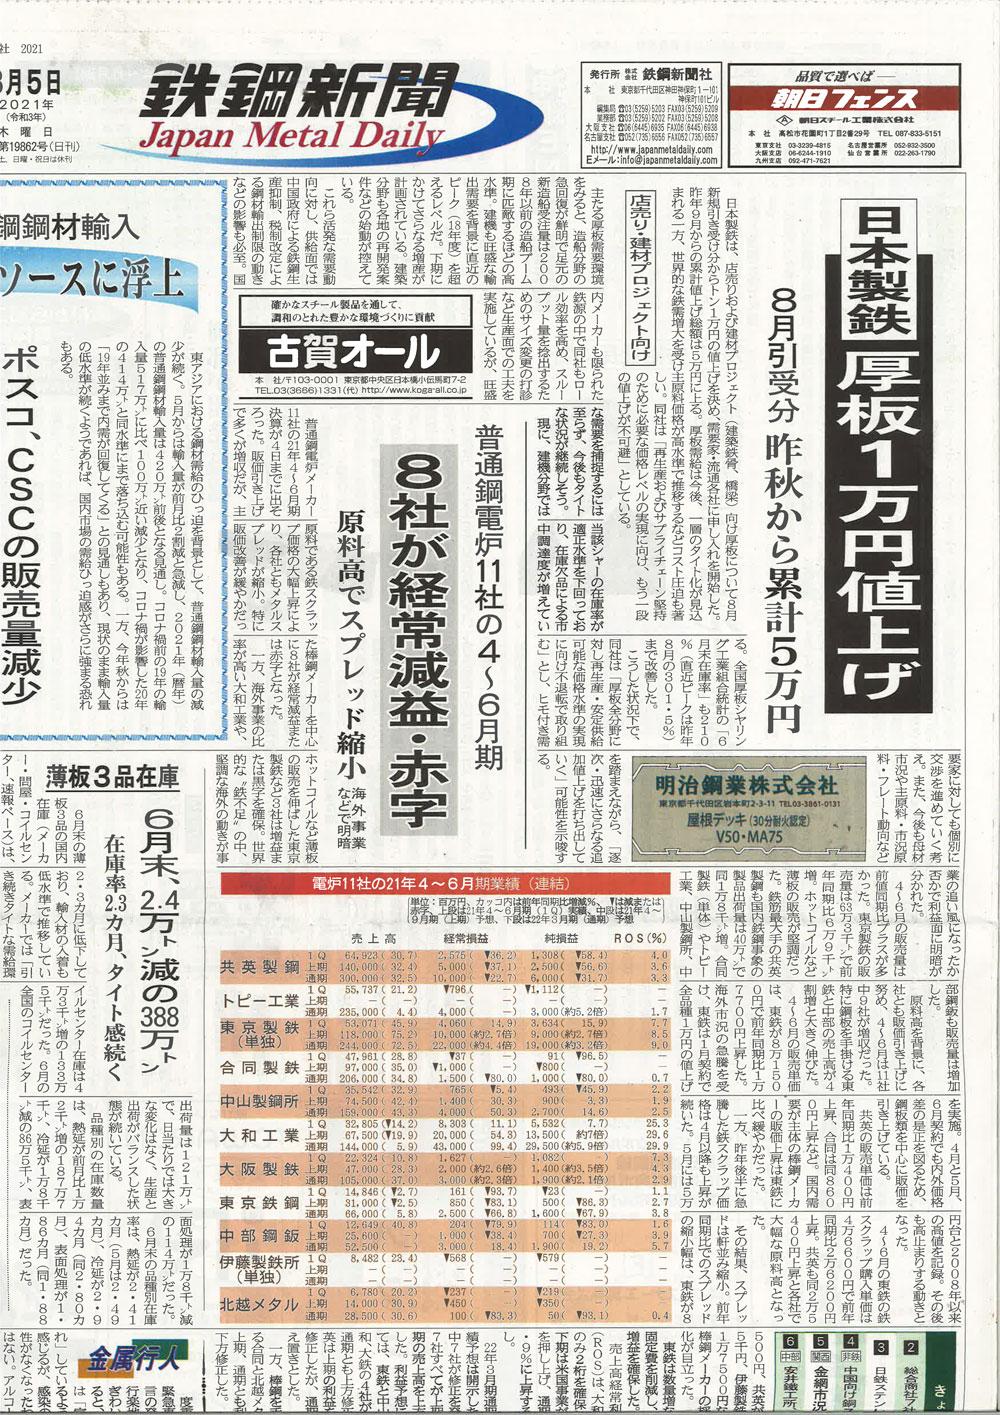 20210805鉄鋼新聞